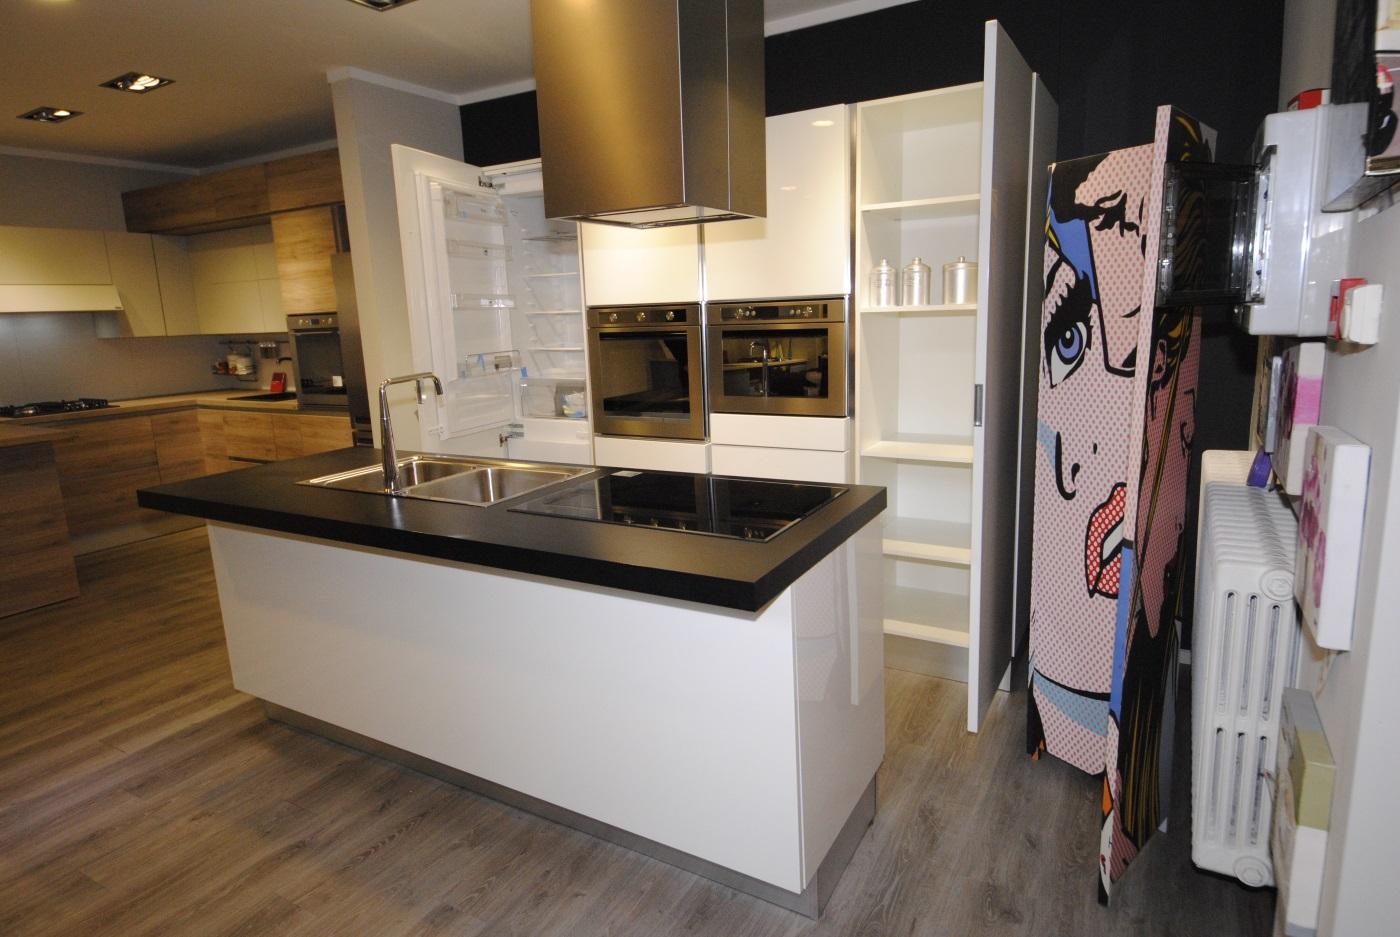 Offerta Cucina Scavolini modello Scenery Laccato Lucido - San ...